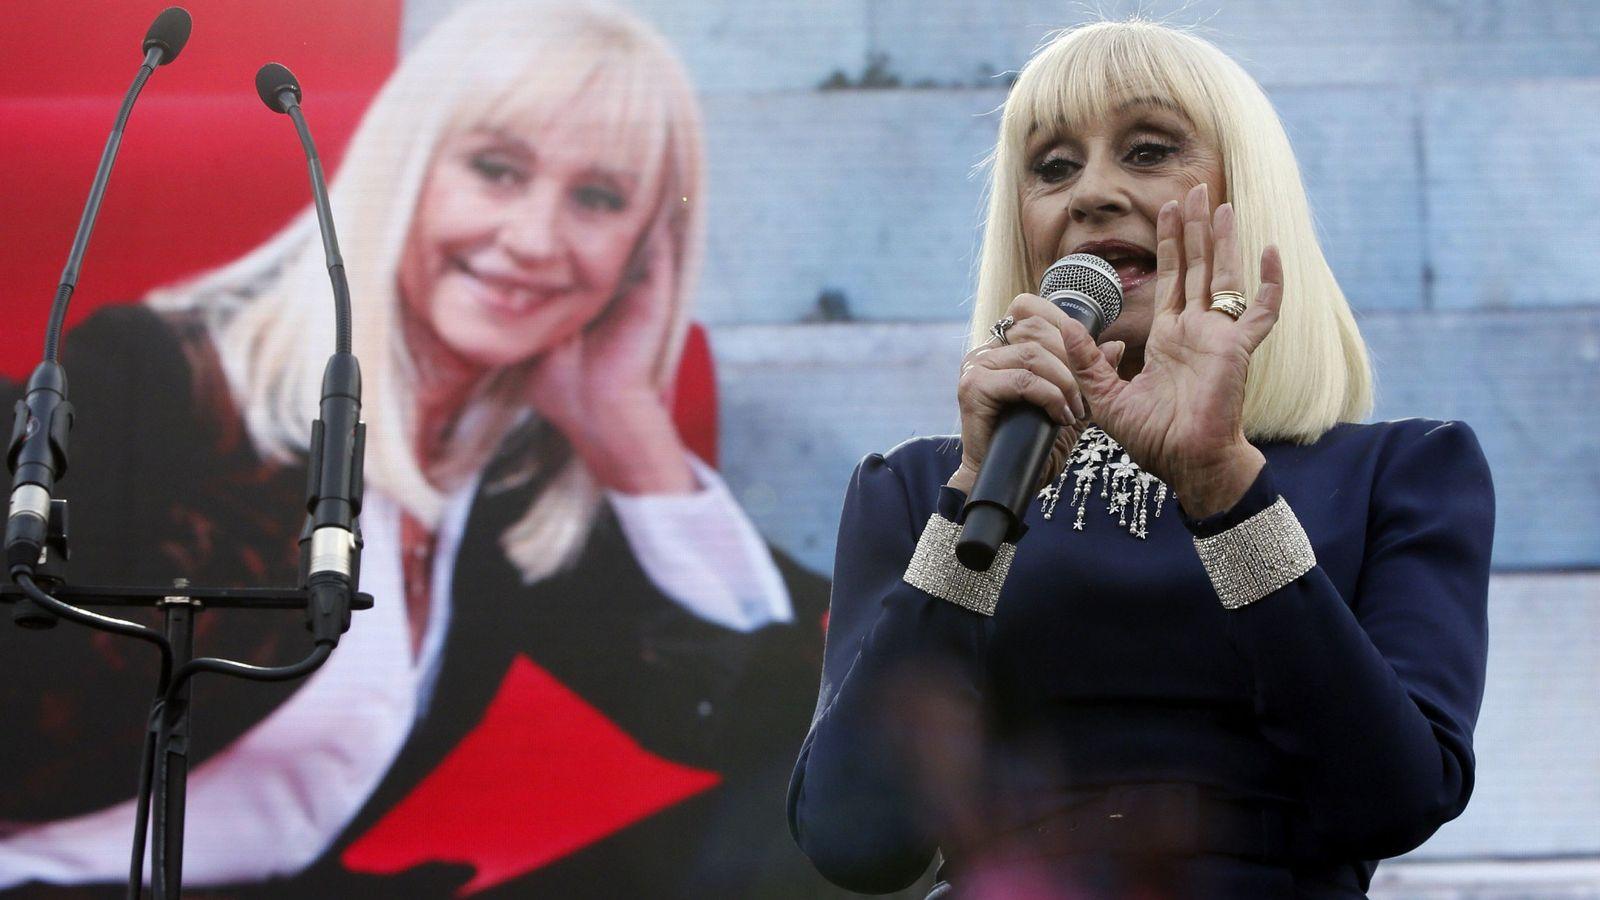 Foto:  La cantante Raffaella Carrà durante Passione Italia, la fiesta con la que el centro cultural Conde Duque celebró el Día Nacional de Italia en 2016. (EFE)